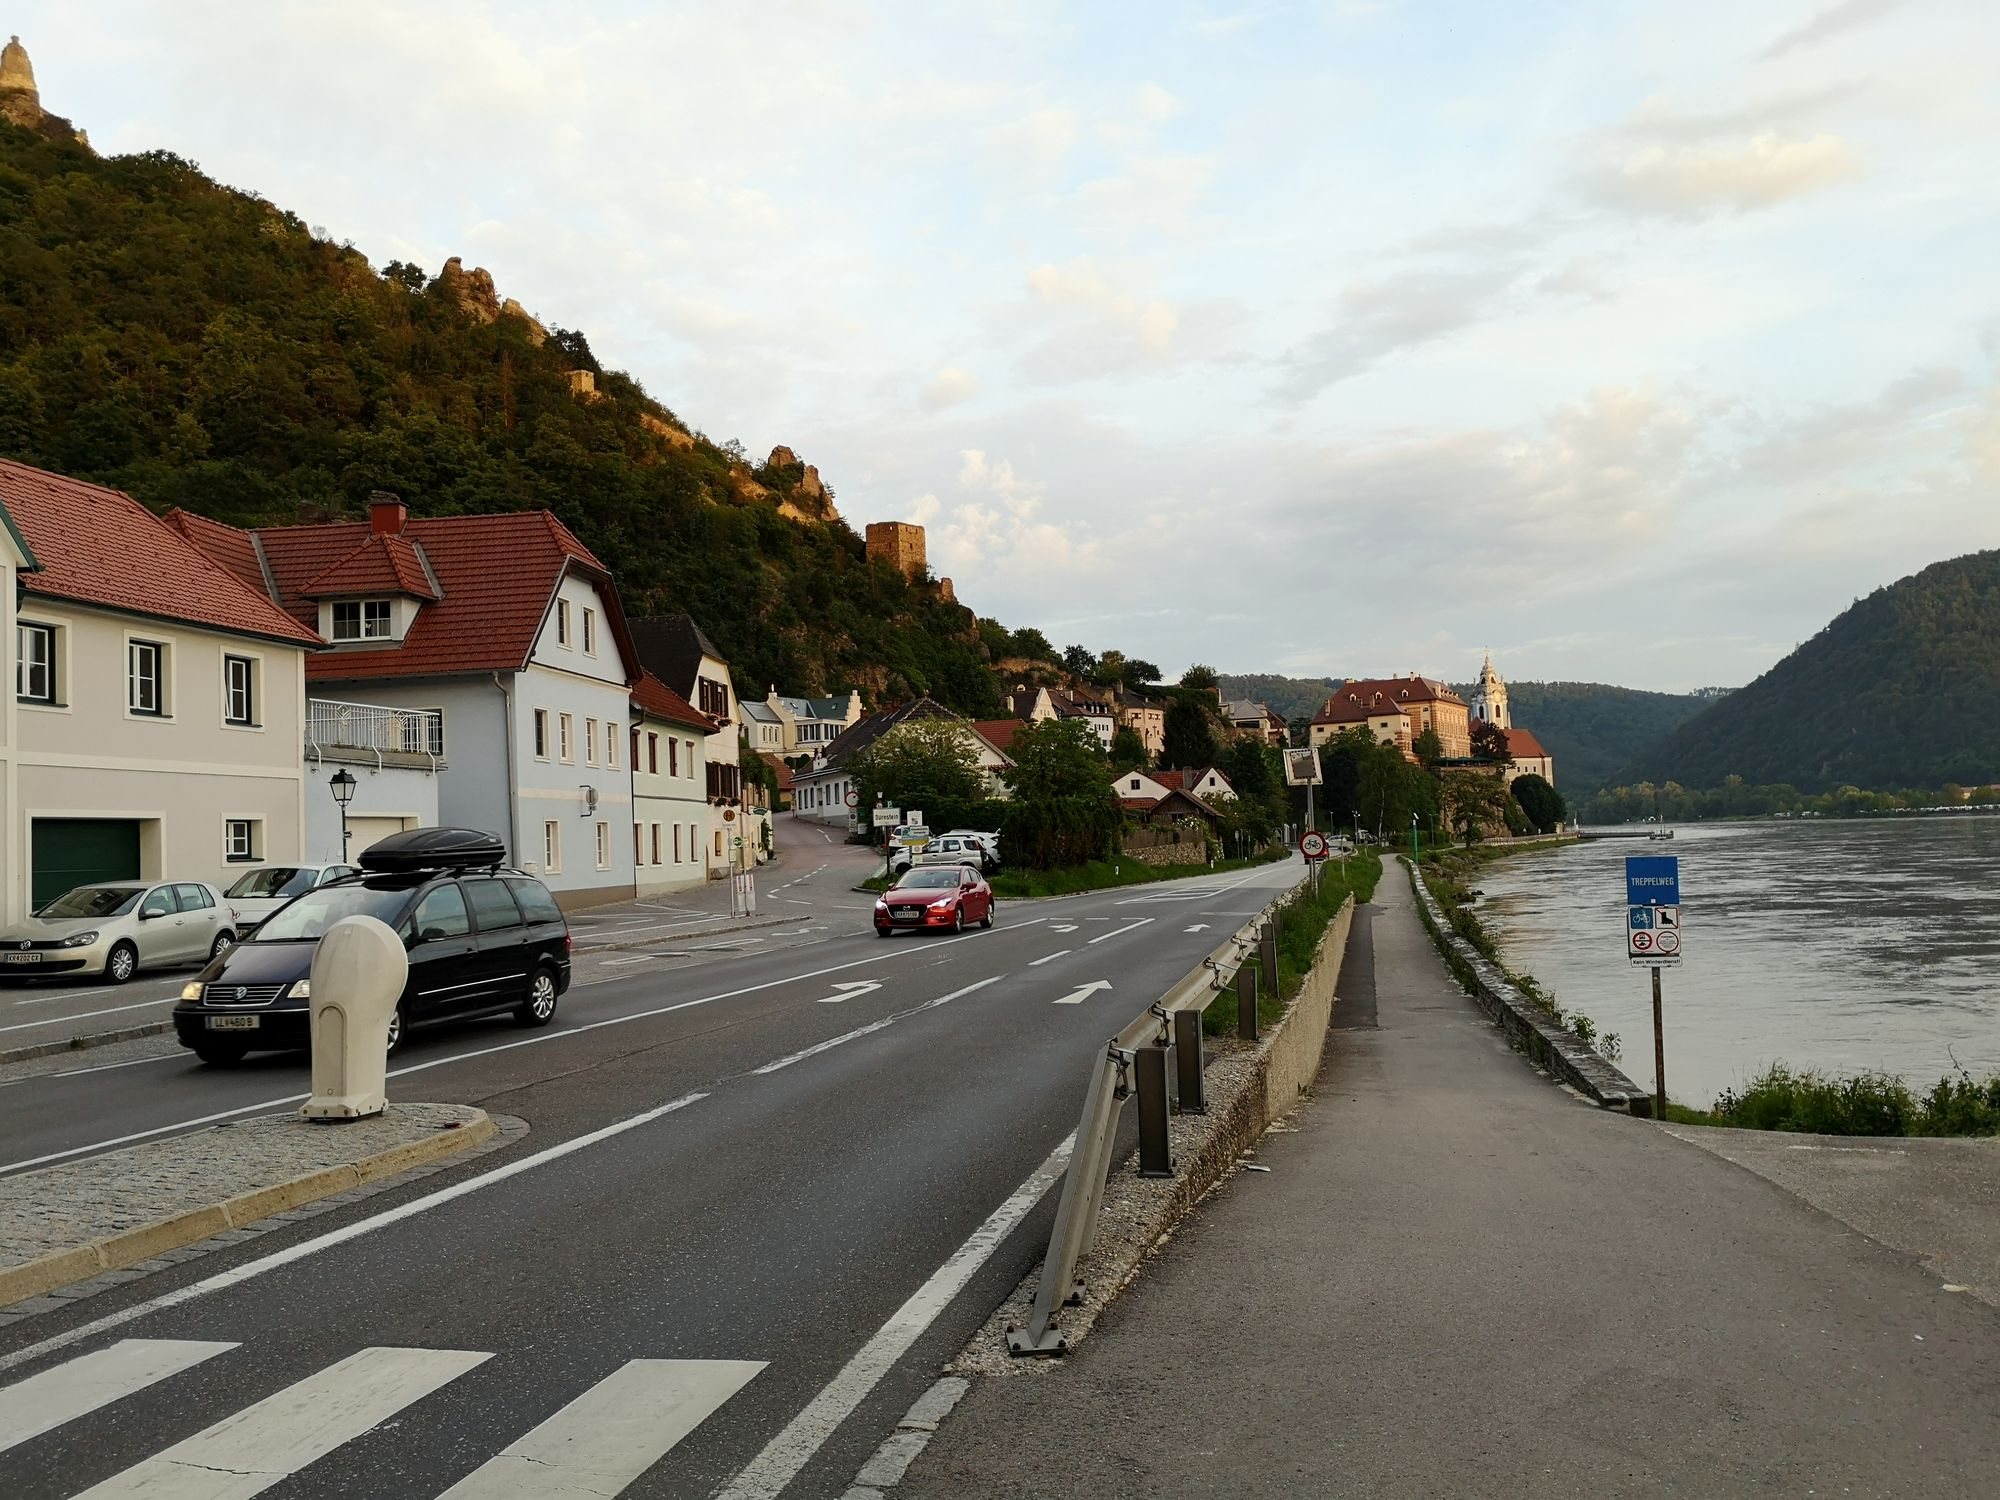 04 Wachauer grat mestečko Dürnstein